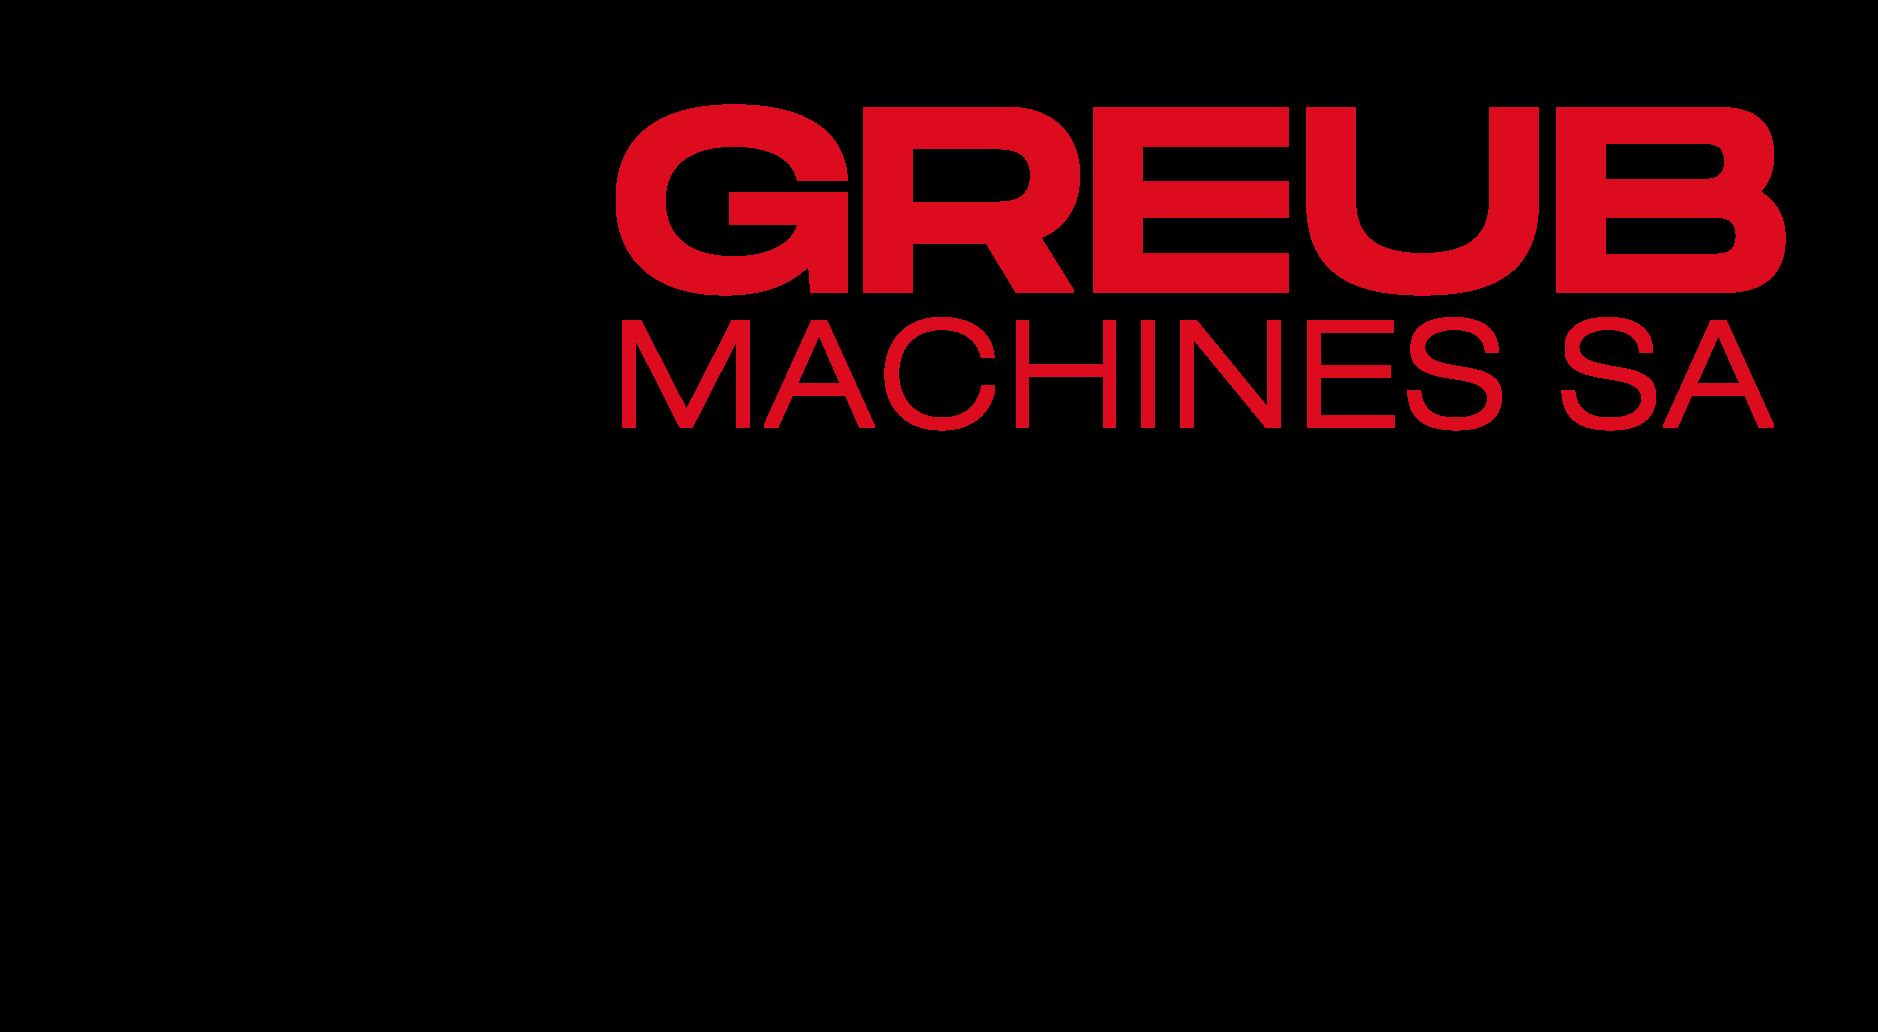 Greub Machines SA